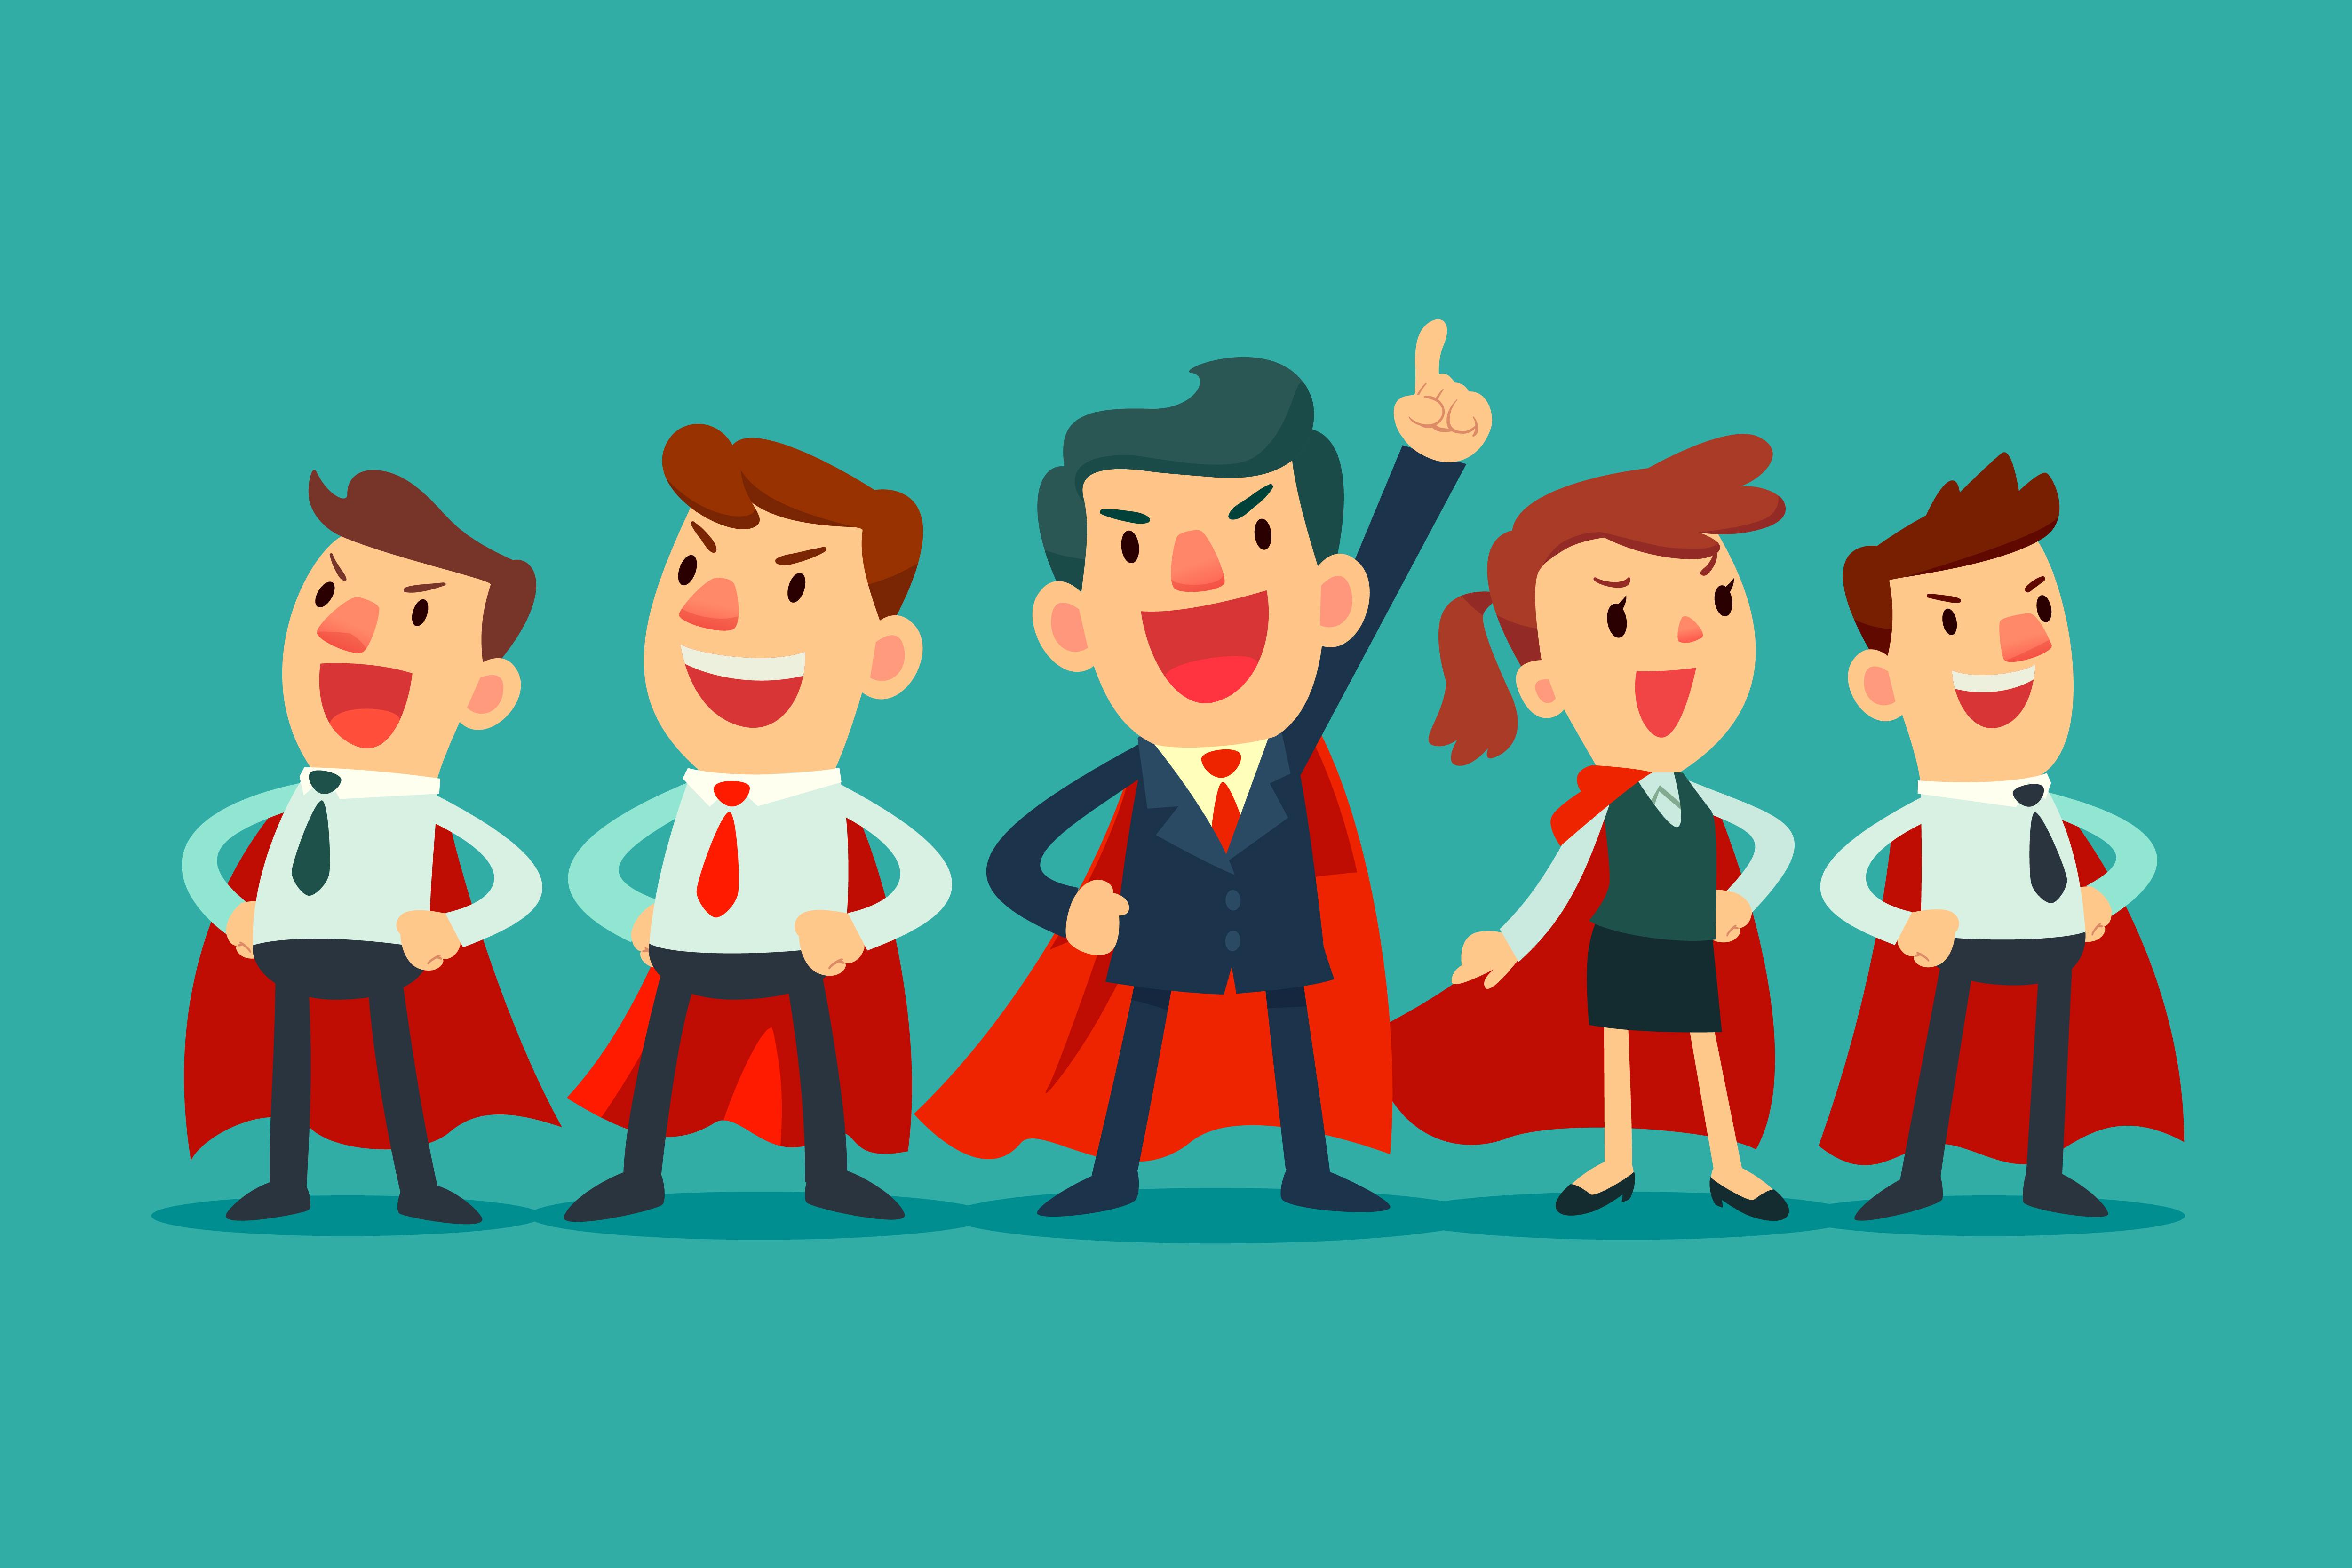 Firmy mohou posunout své podnikání i dnes pomocí baťovských principů